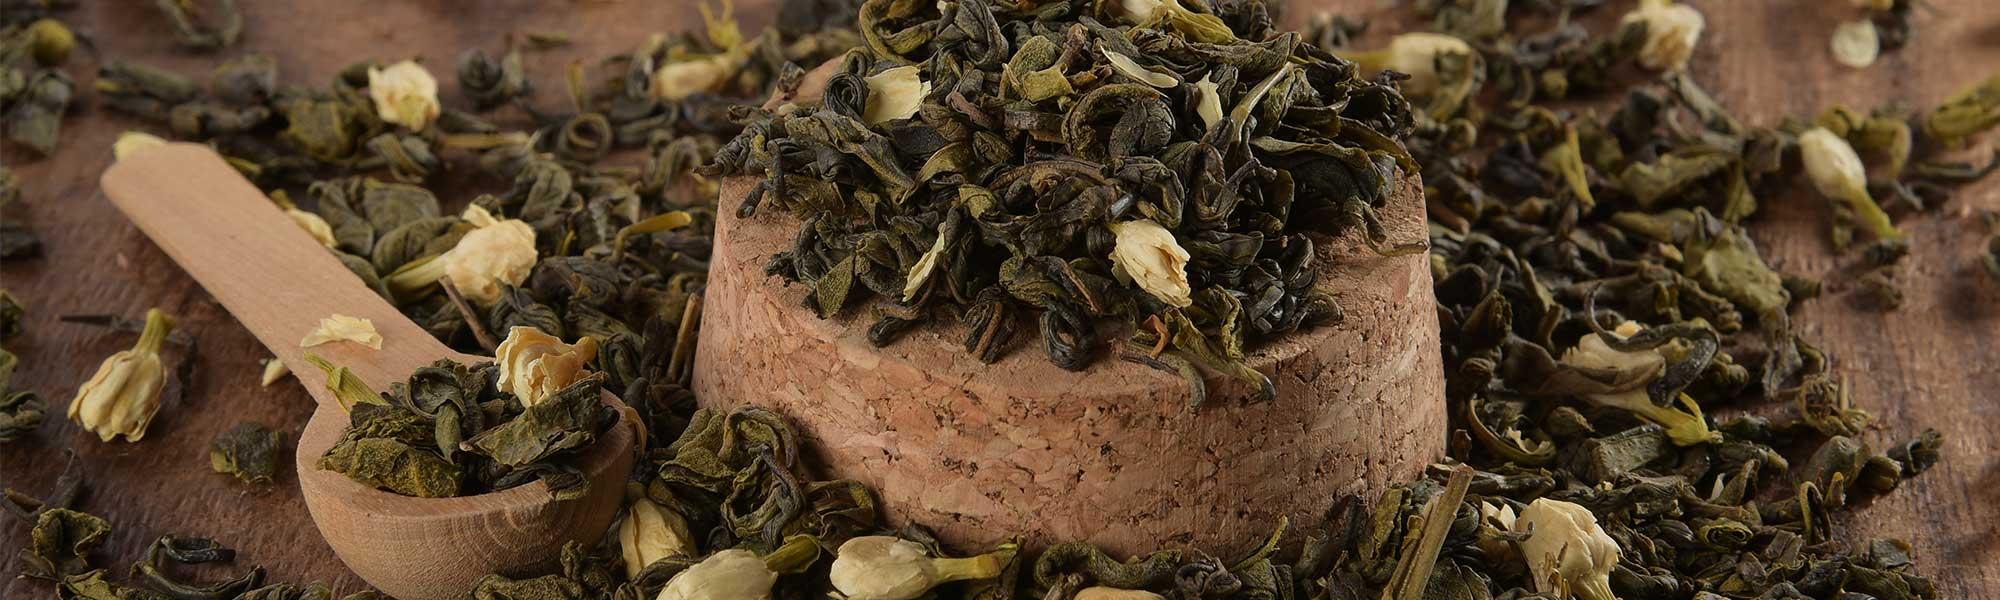 قیمت هر کیلو چای سبز در بازار ایران